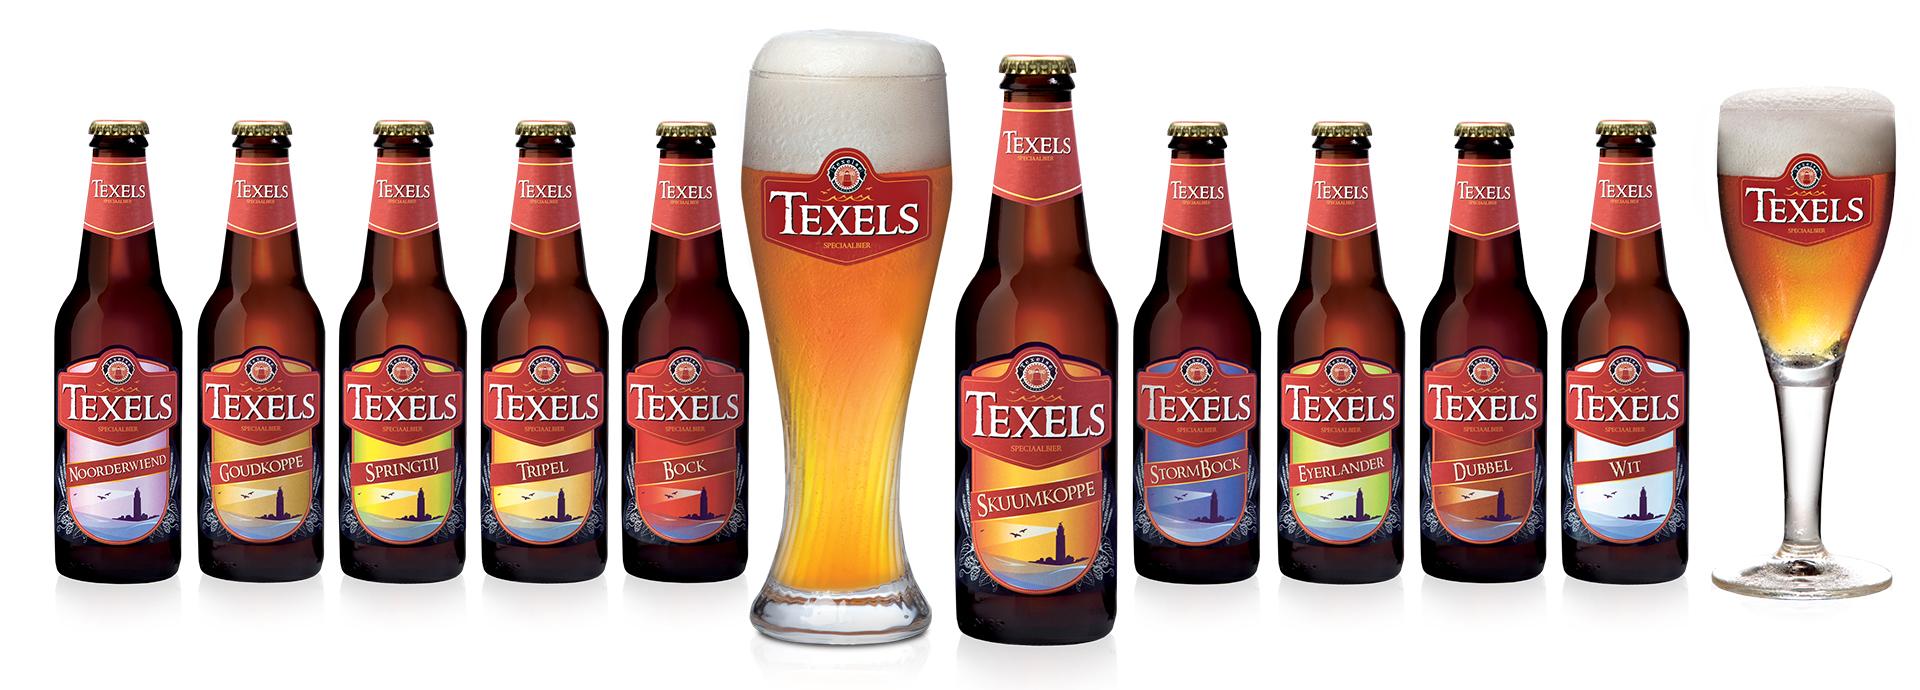 nectar-utrecht-pils-bier-brouwerij-nederland-texel-texelse-bierbrouwerij-foto02